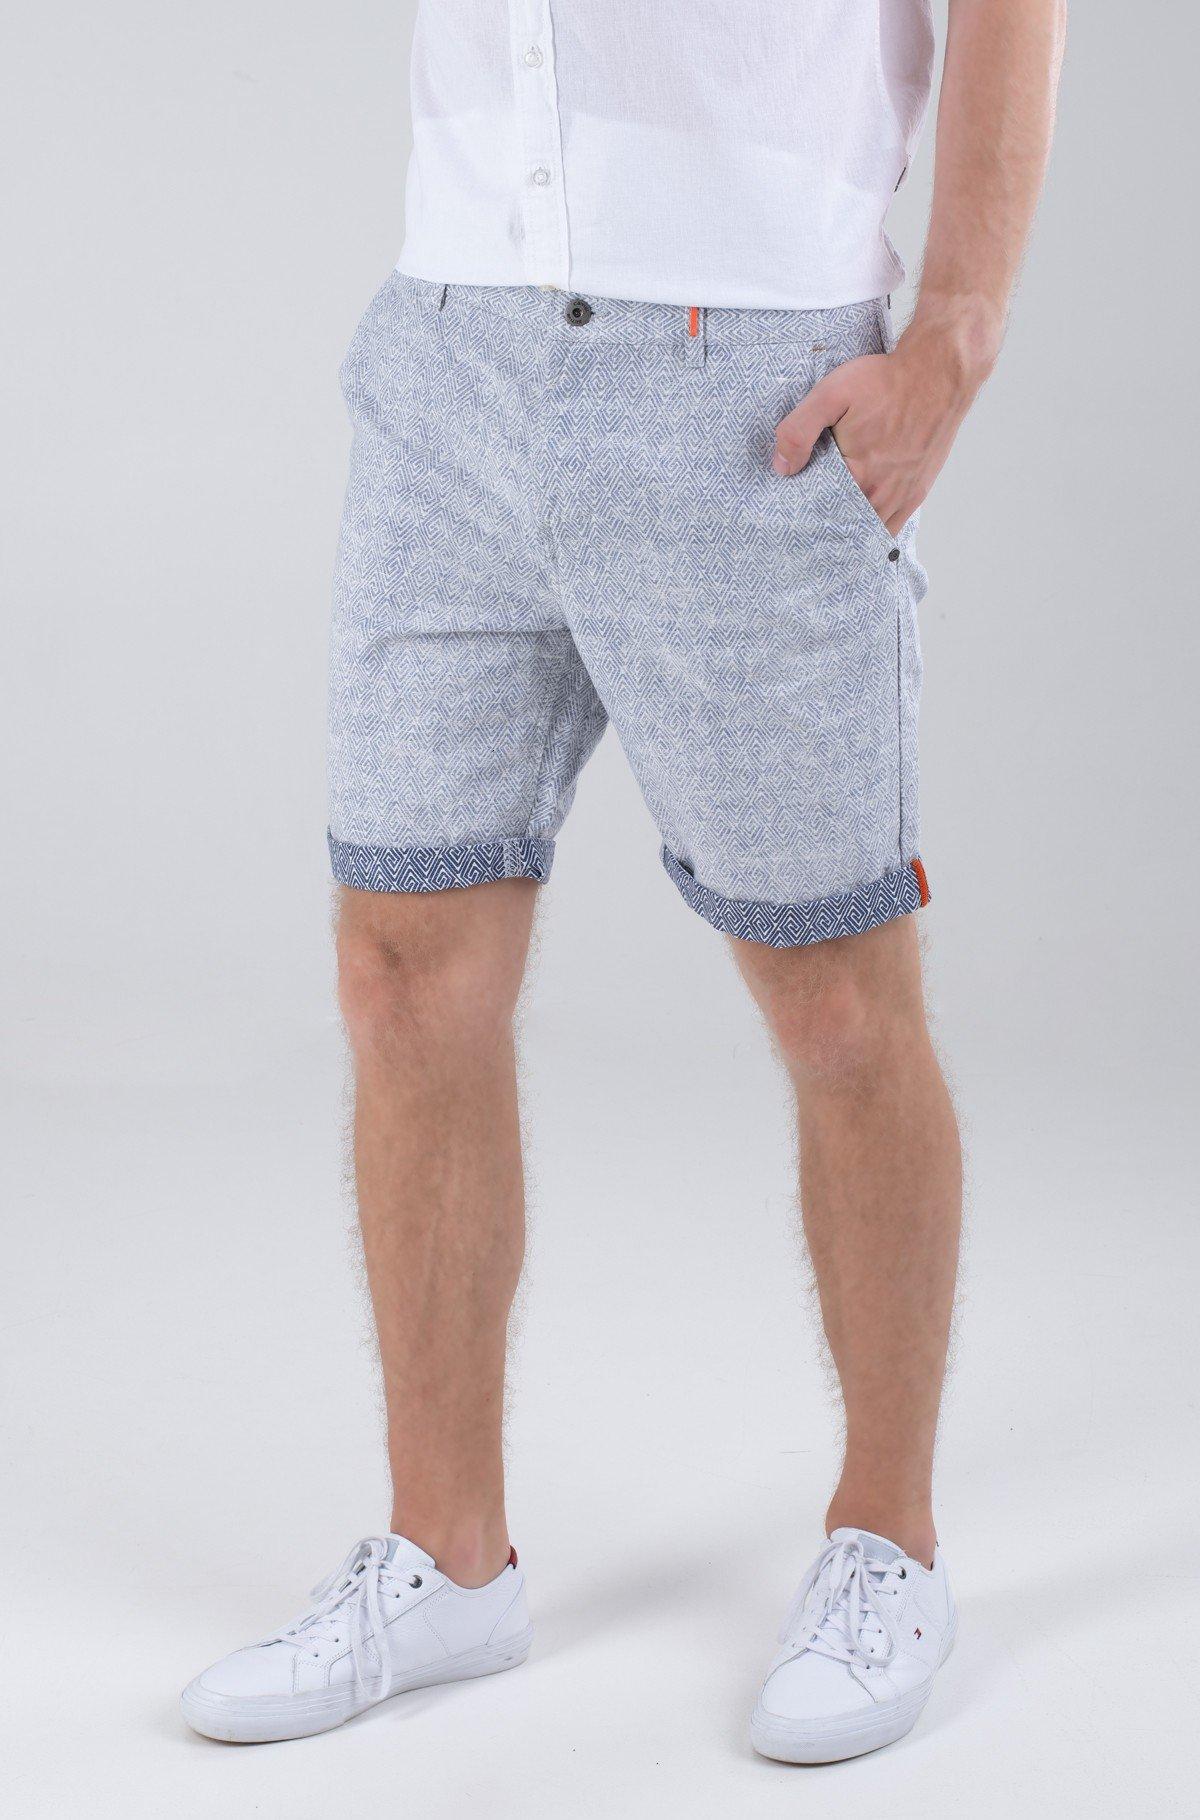 Shorts 497530/5U77-full-1